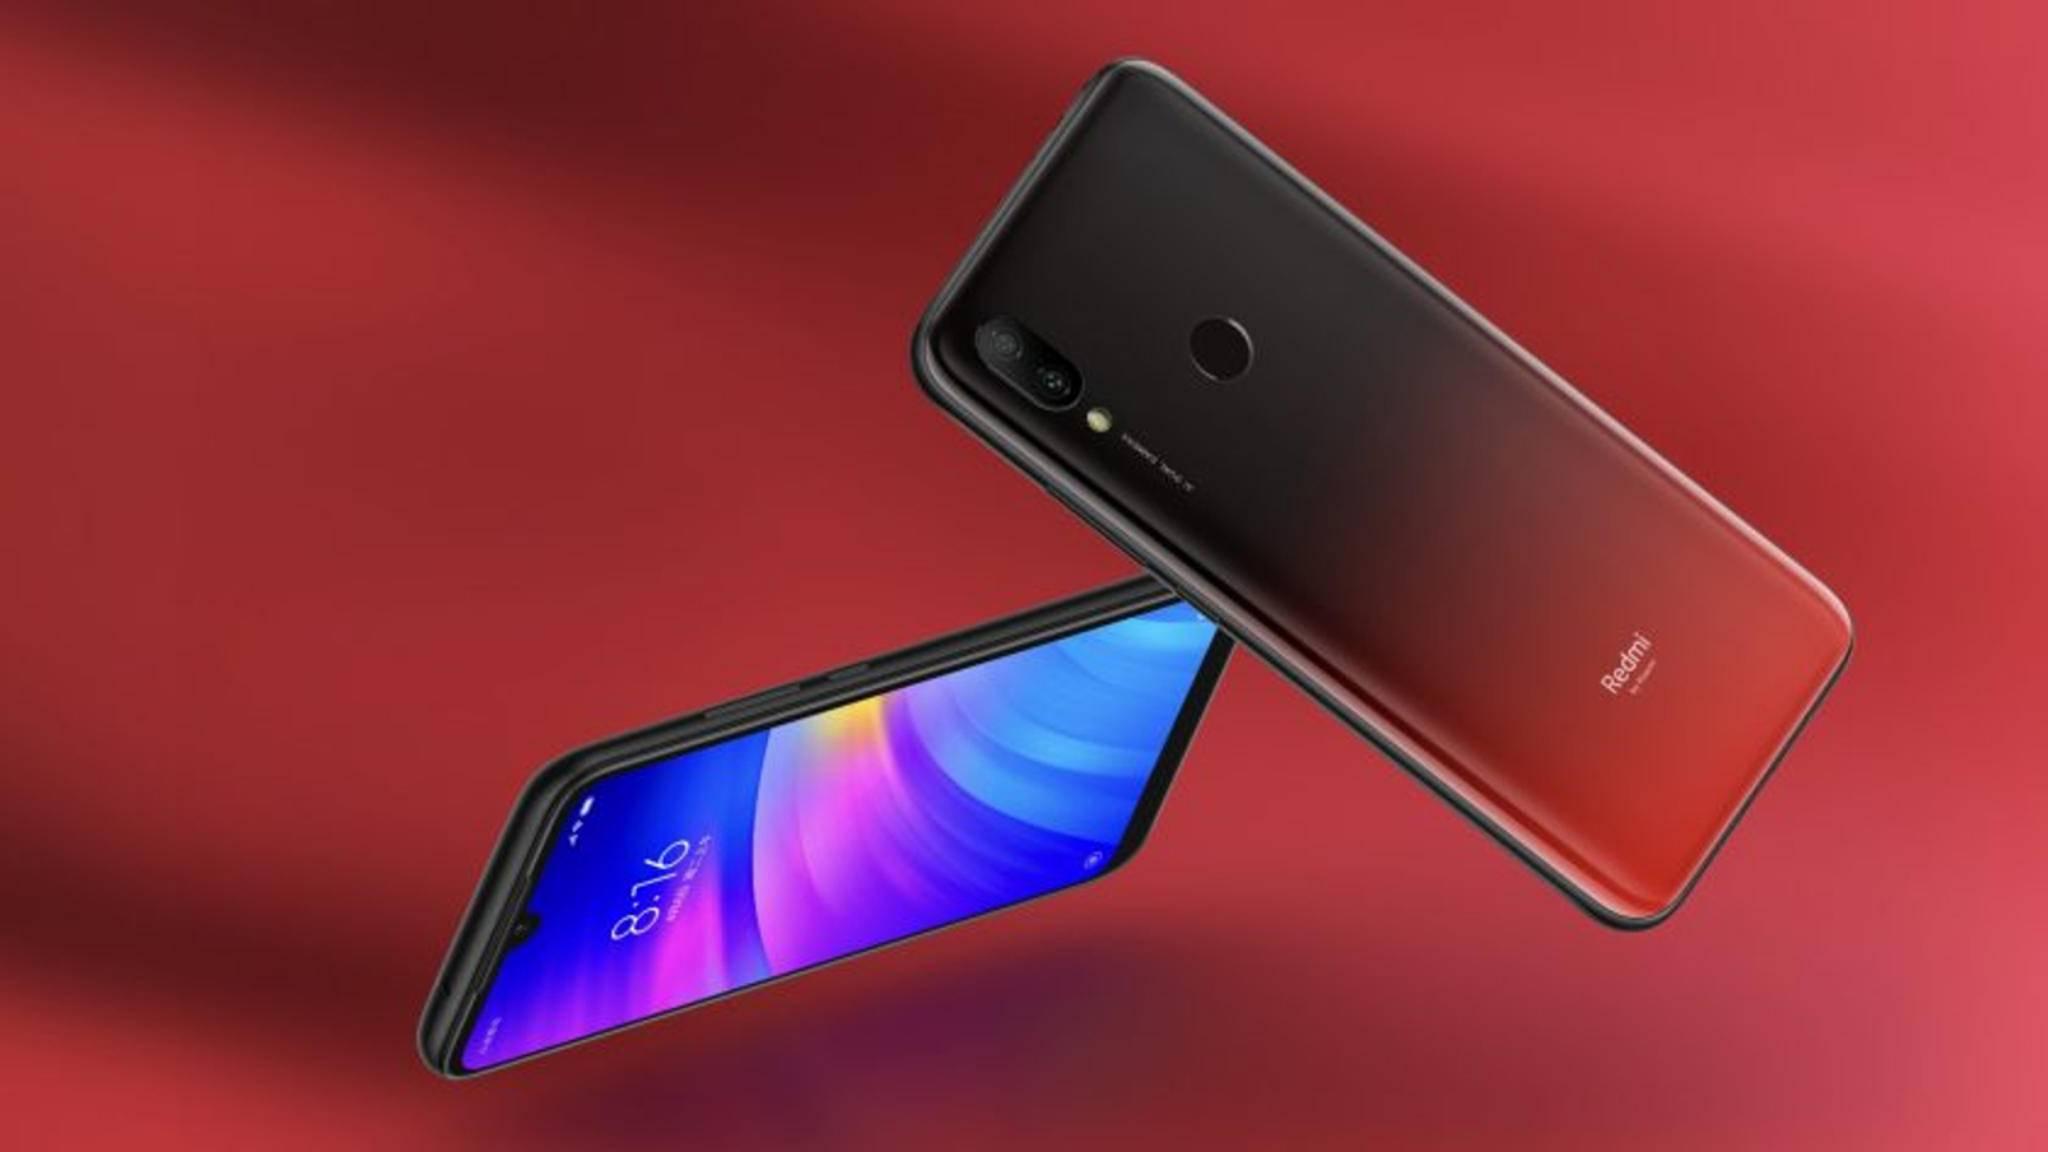 Xiaomi Redmi 7 offiziell vorgestellt: Das 100-Euro-Smartphone